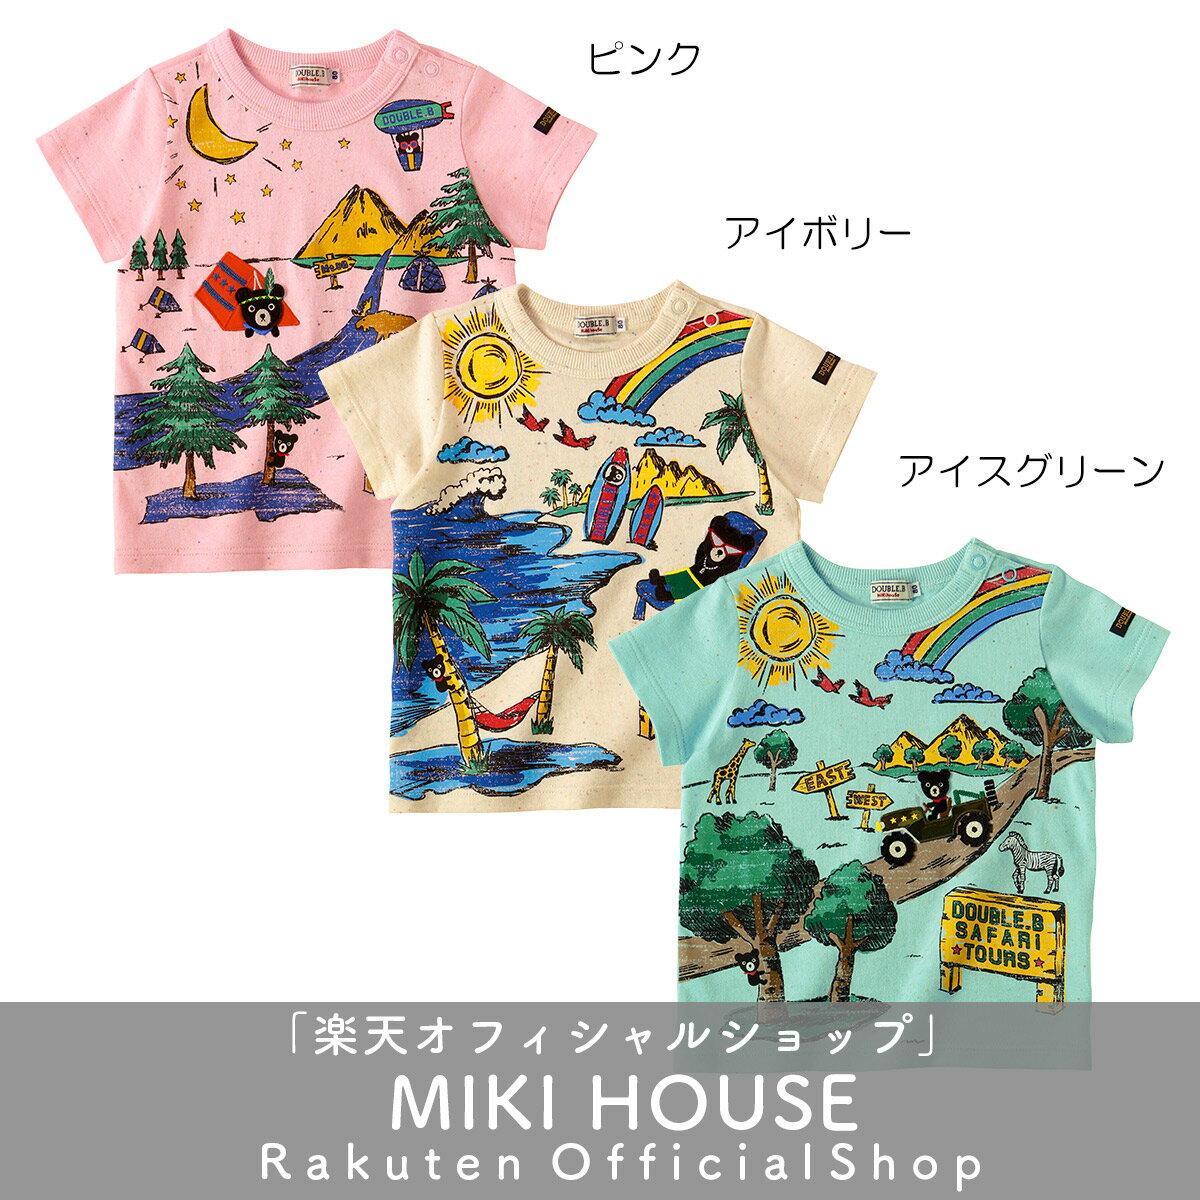 【セール】ミキハウス ダブルビー mikihouse リゾートプリント♪半袖Tシャツ(100cm・110cm)【10,800円以上で送料無料】